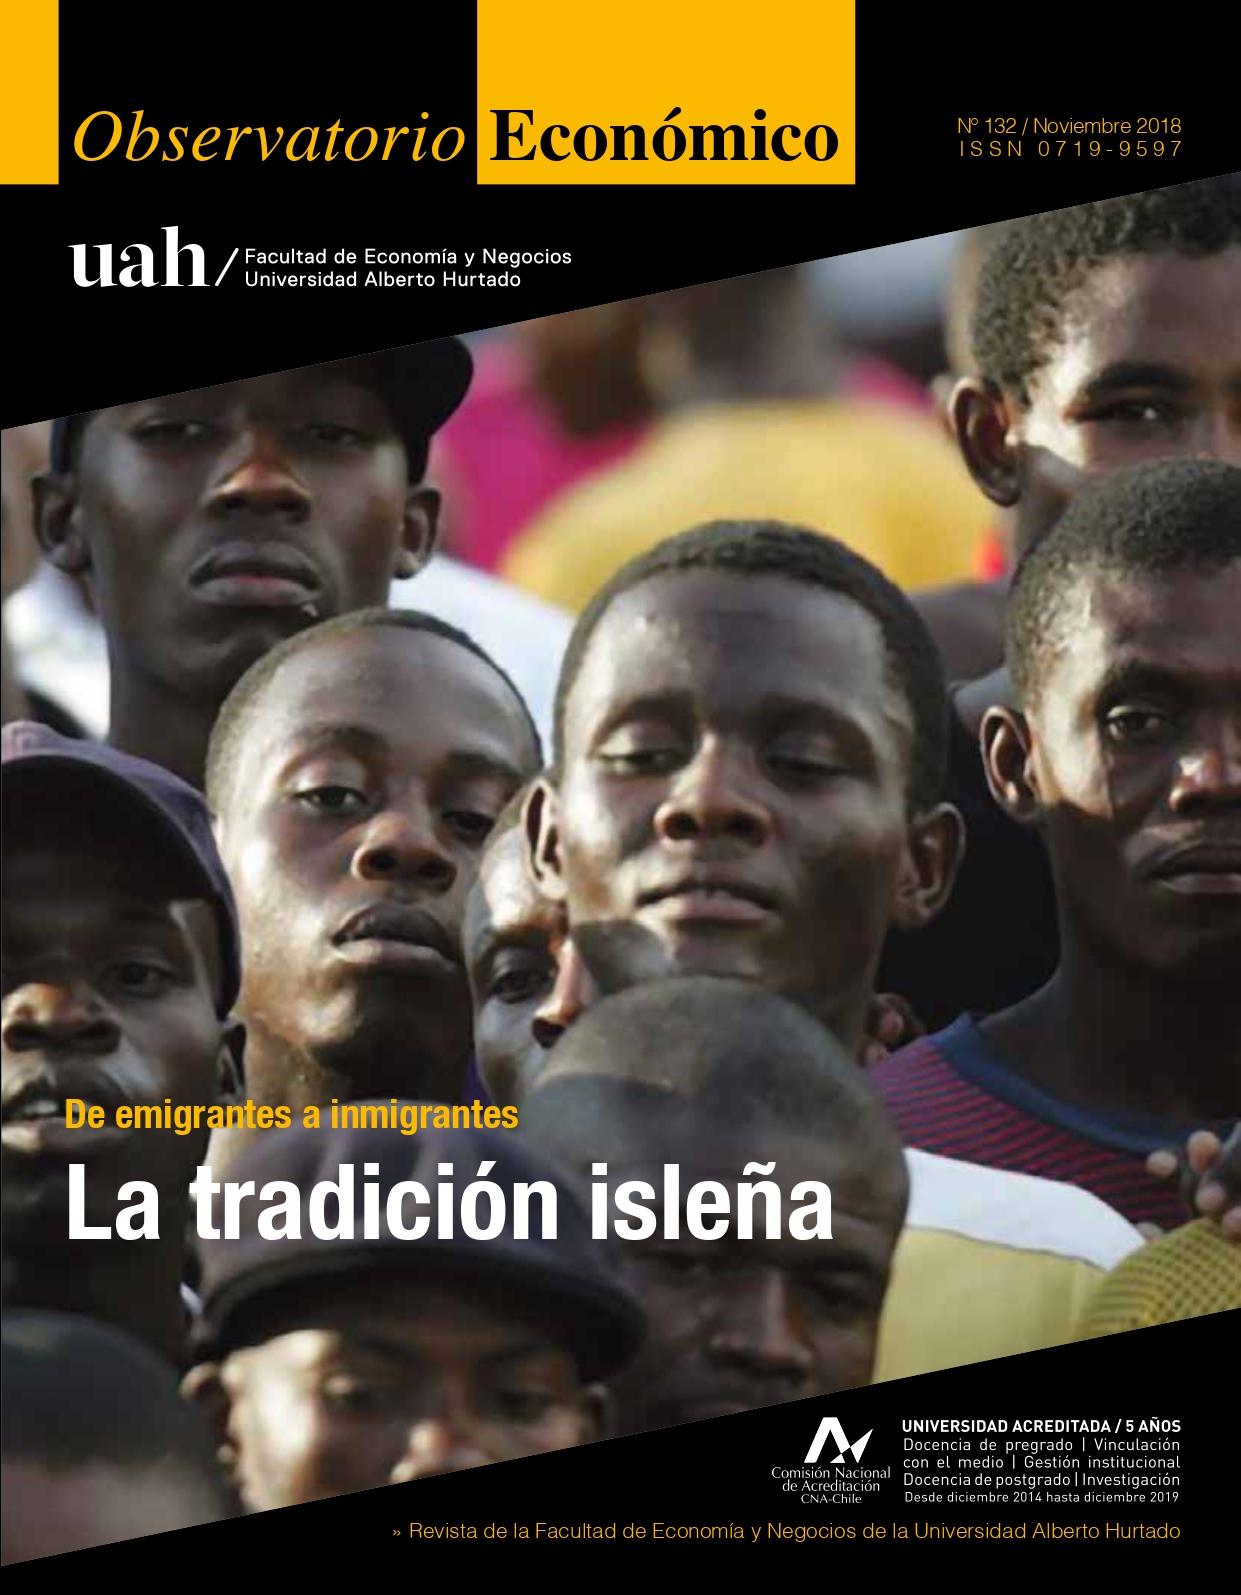 """Título del número de la revista : """"De emigrantes a inmigrantes : La tradición isleña"""""""